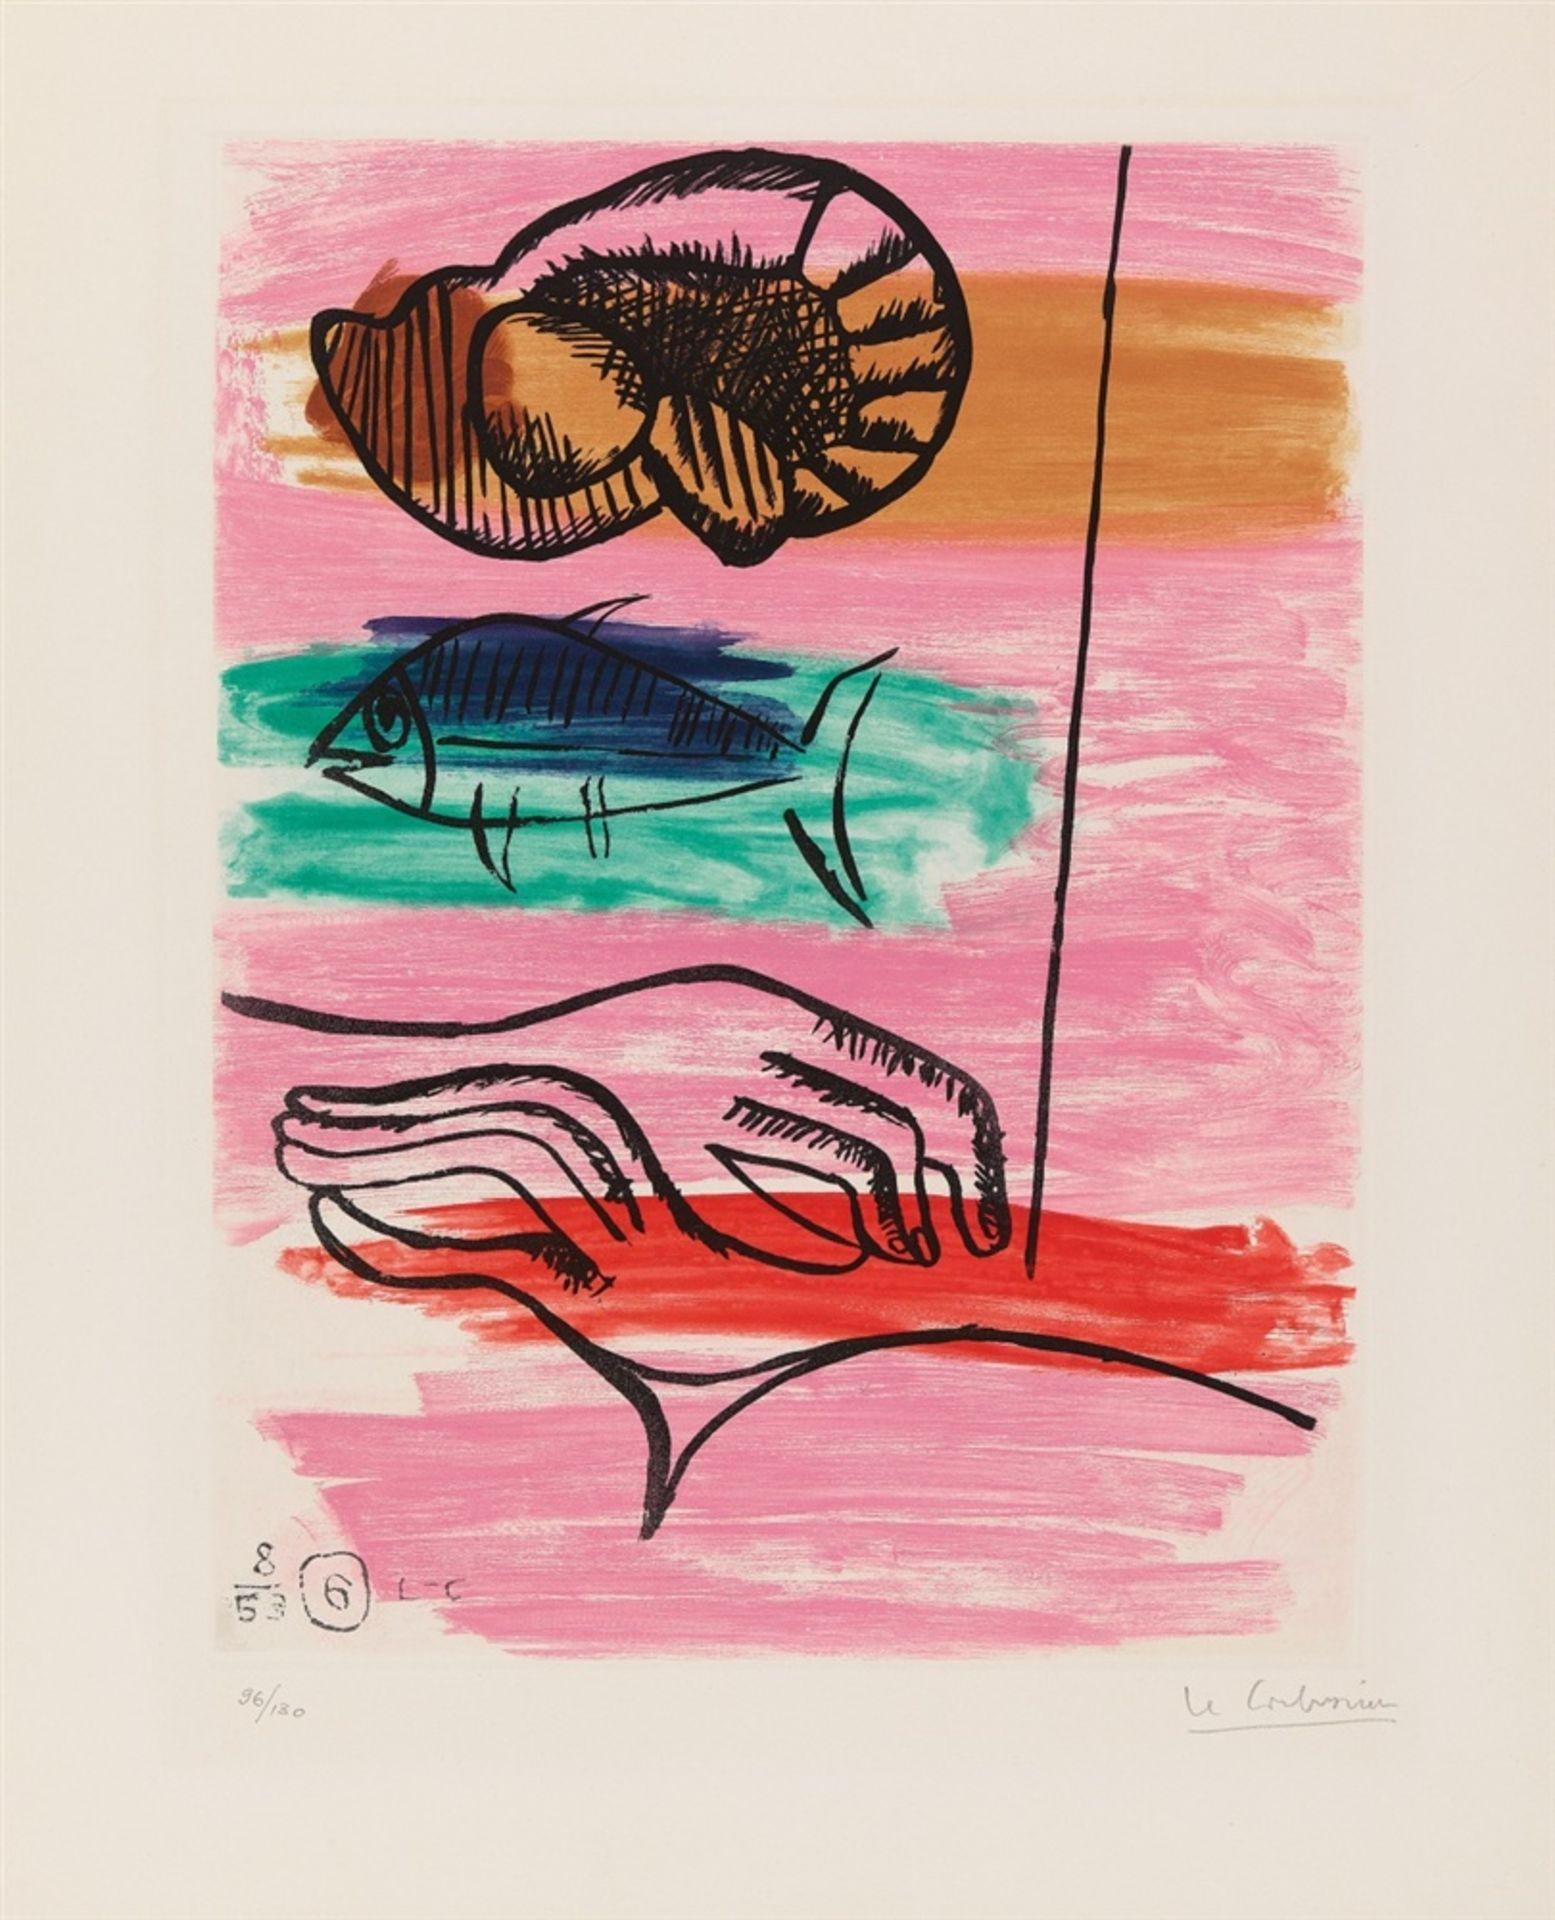 Le Corbusier (Charles-Édouard Jeanneret)Unité - Bild 3 aus 27